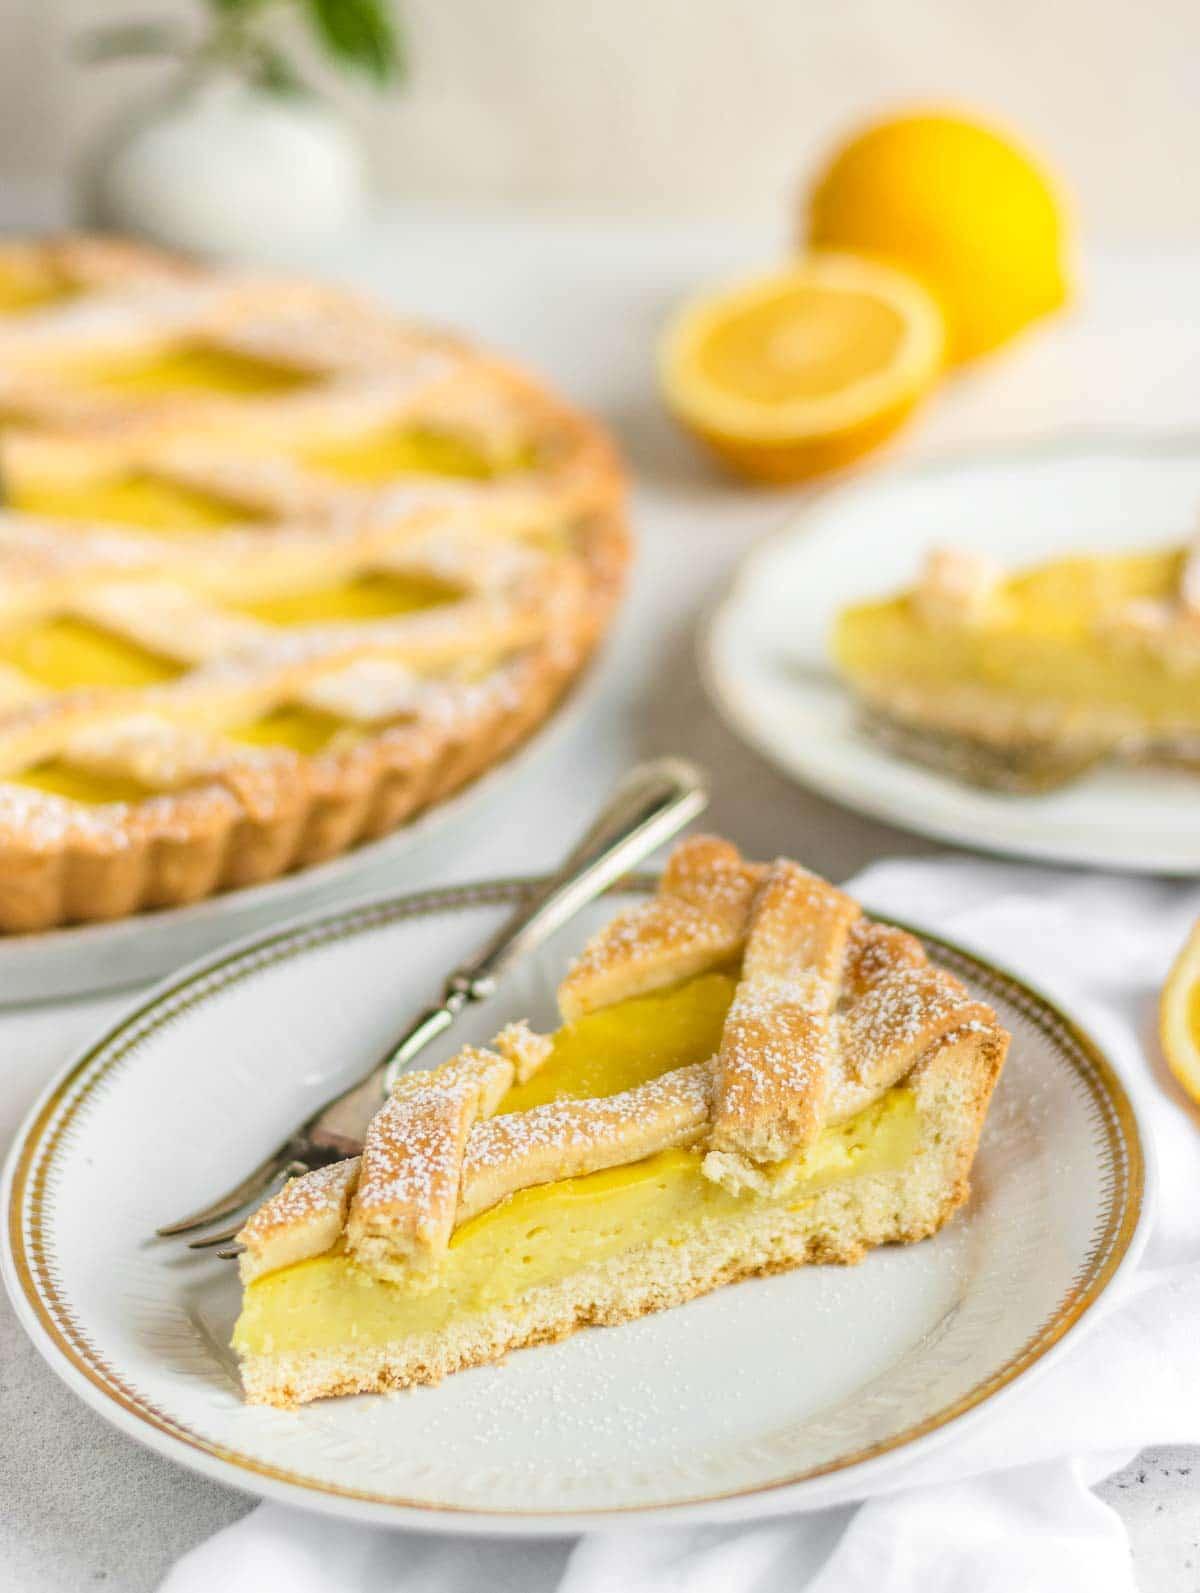 slice of lemon tart on a table with lemons